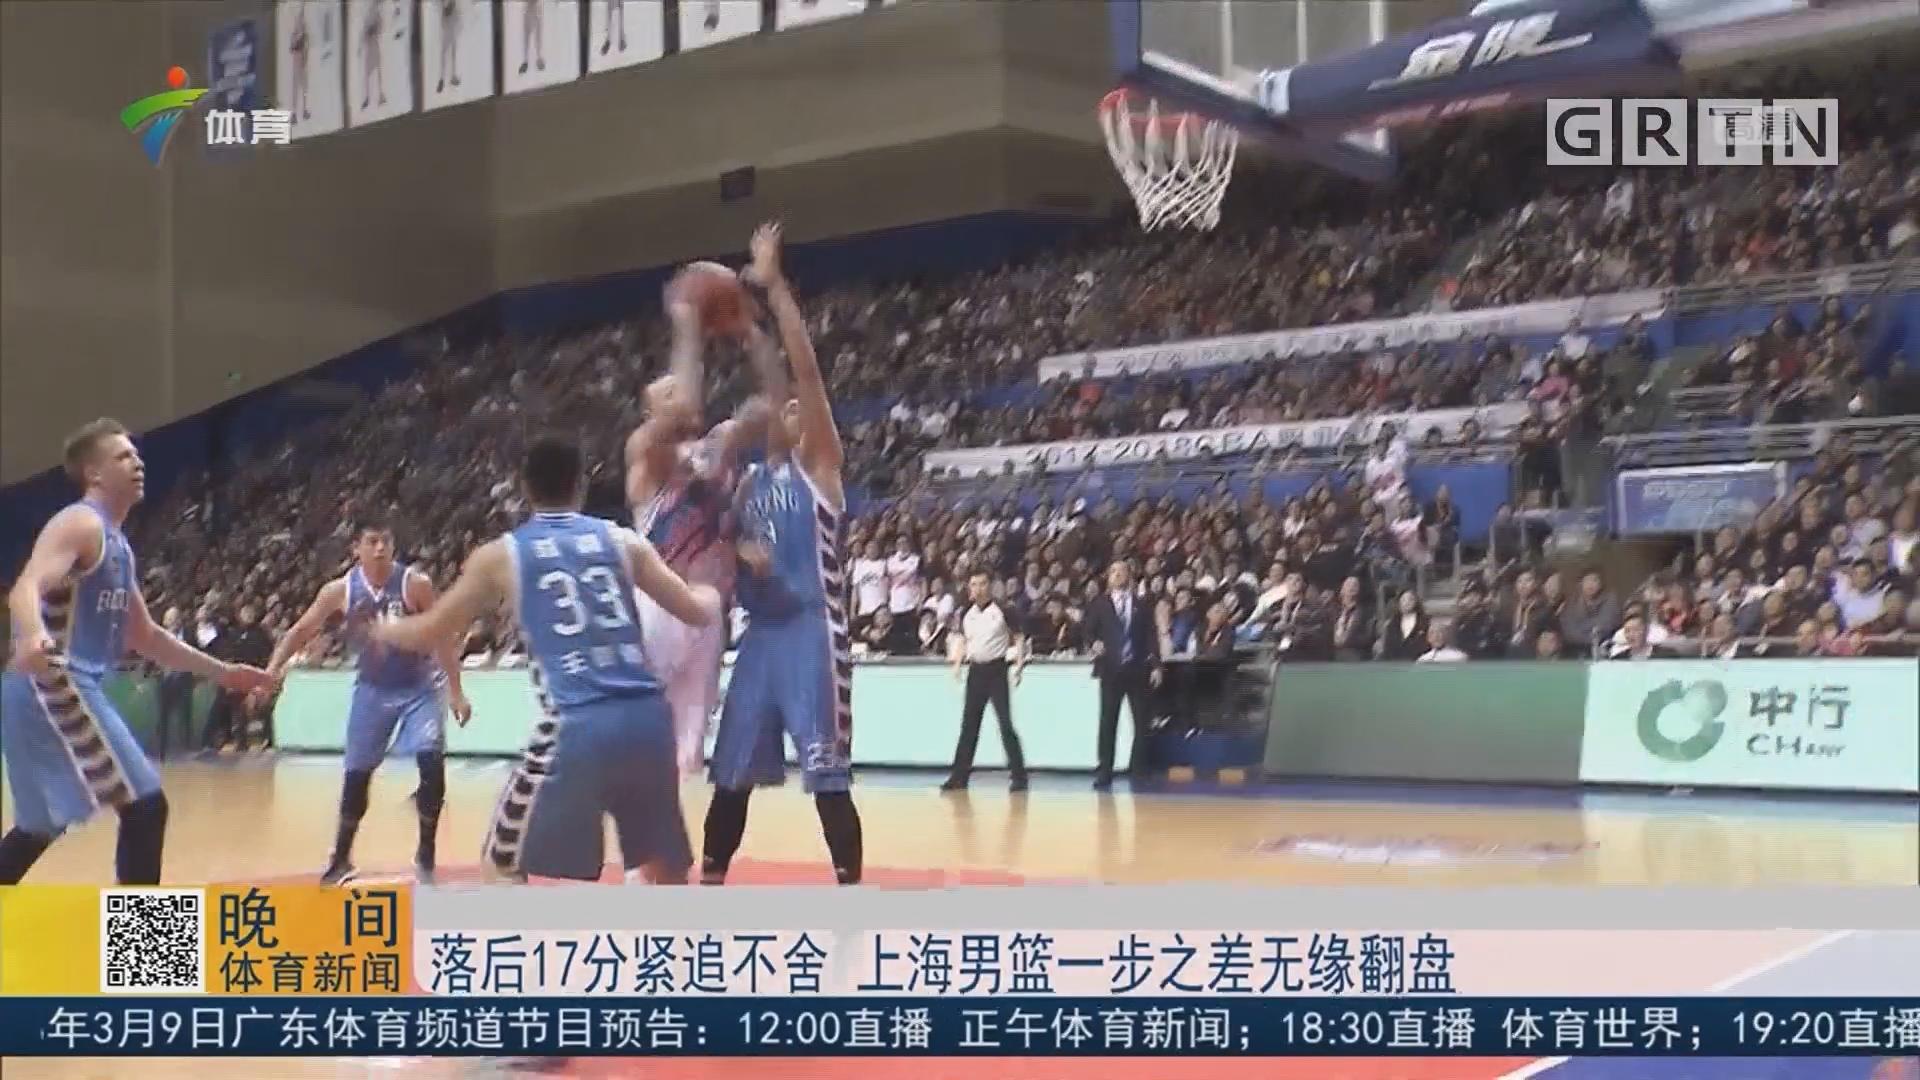 落后17分紧追不舍 上海男篮一步之差无缘翻盘